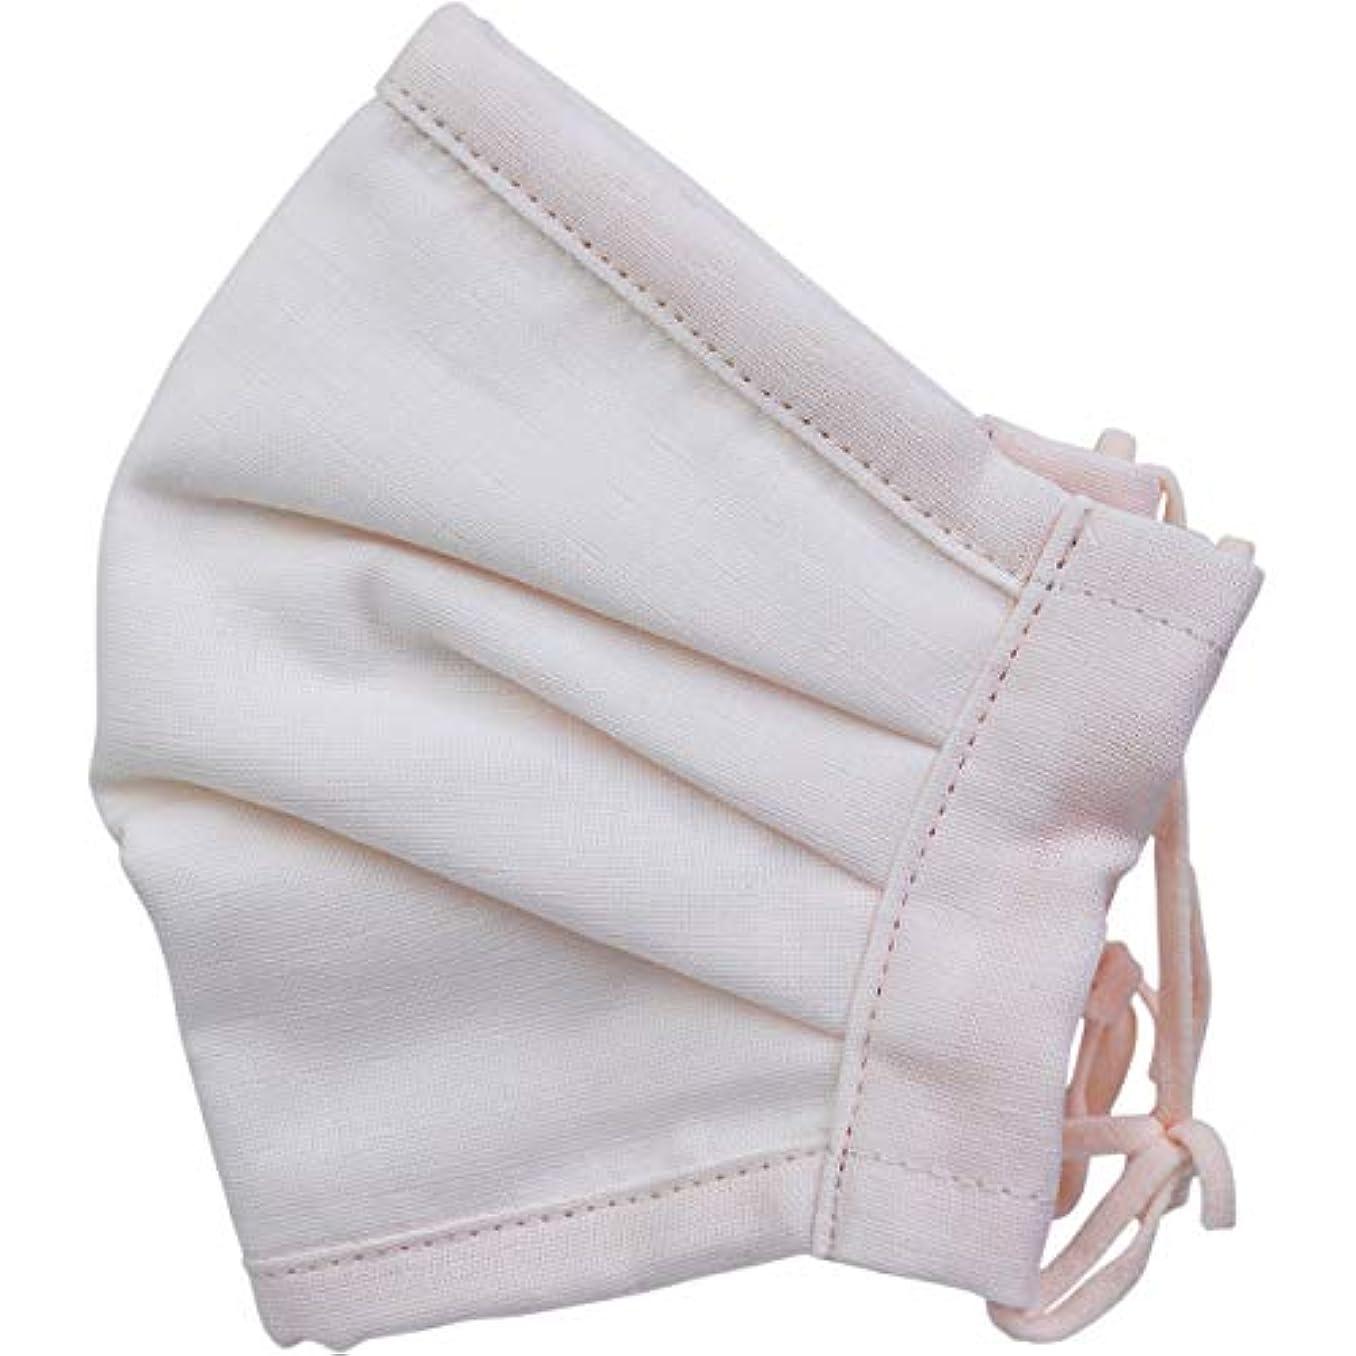 一部プラグちらつきさらふわマスクダイヤドビー 敏感肌用 ライトピンク 少し大きめサイズ 1枚入×20個セット